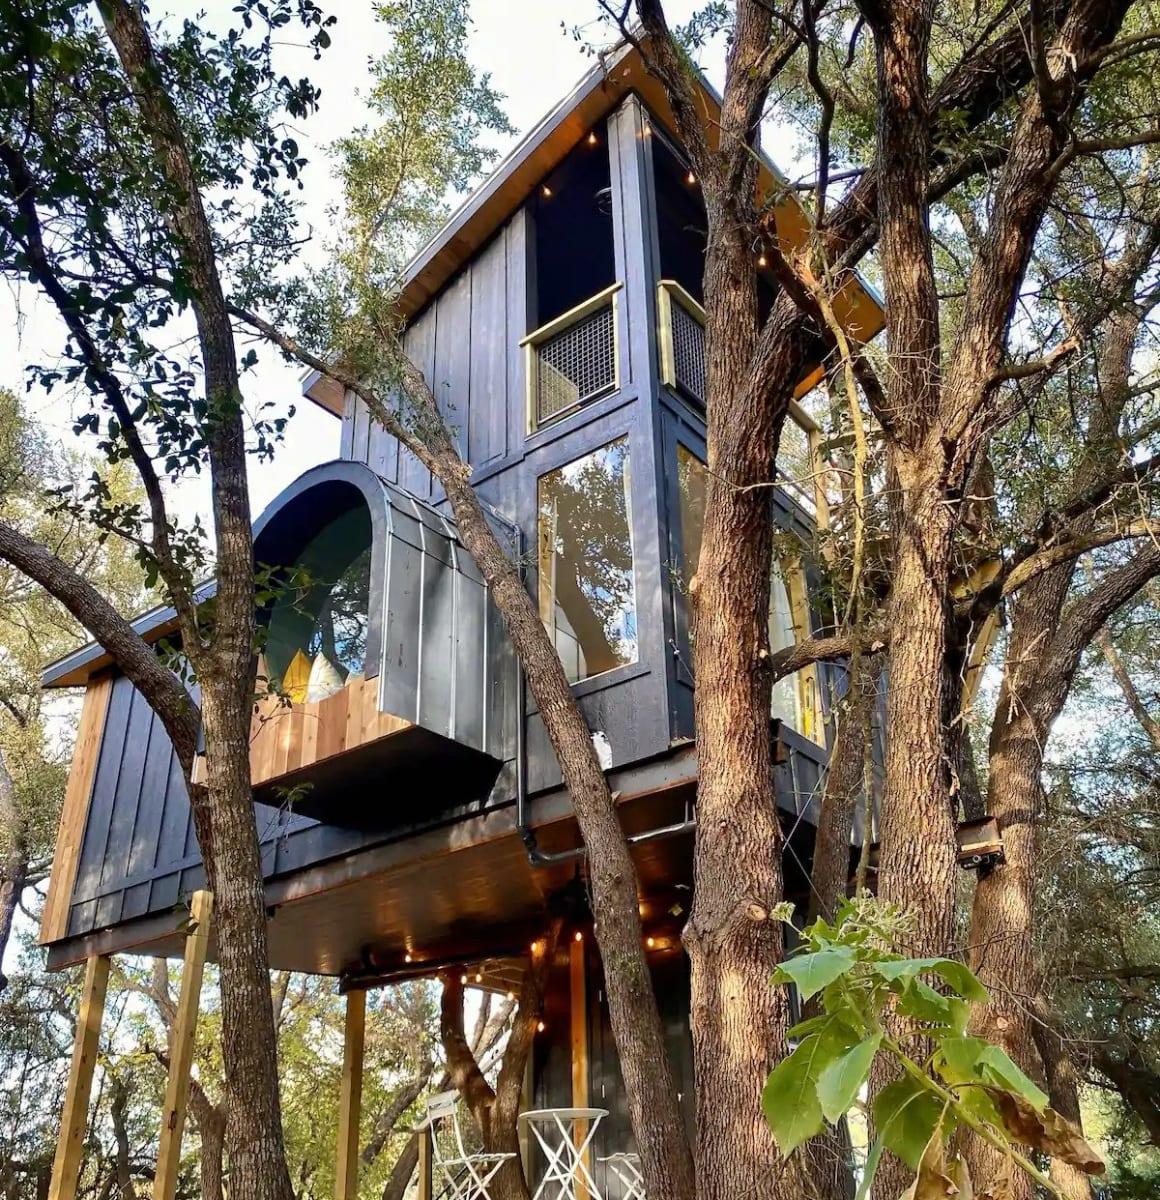 Treehouse at HoneyTree Farm